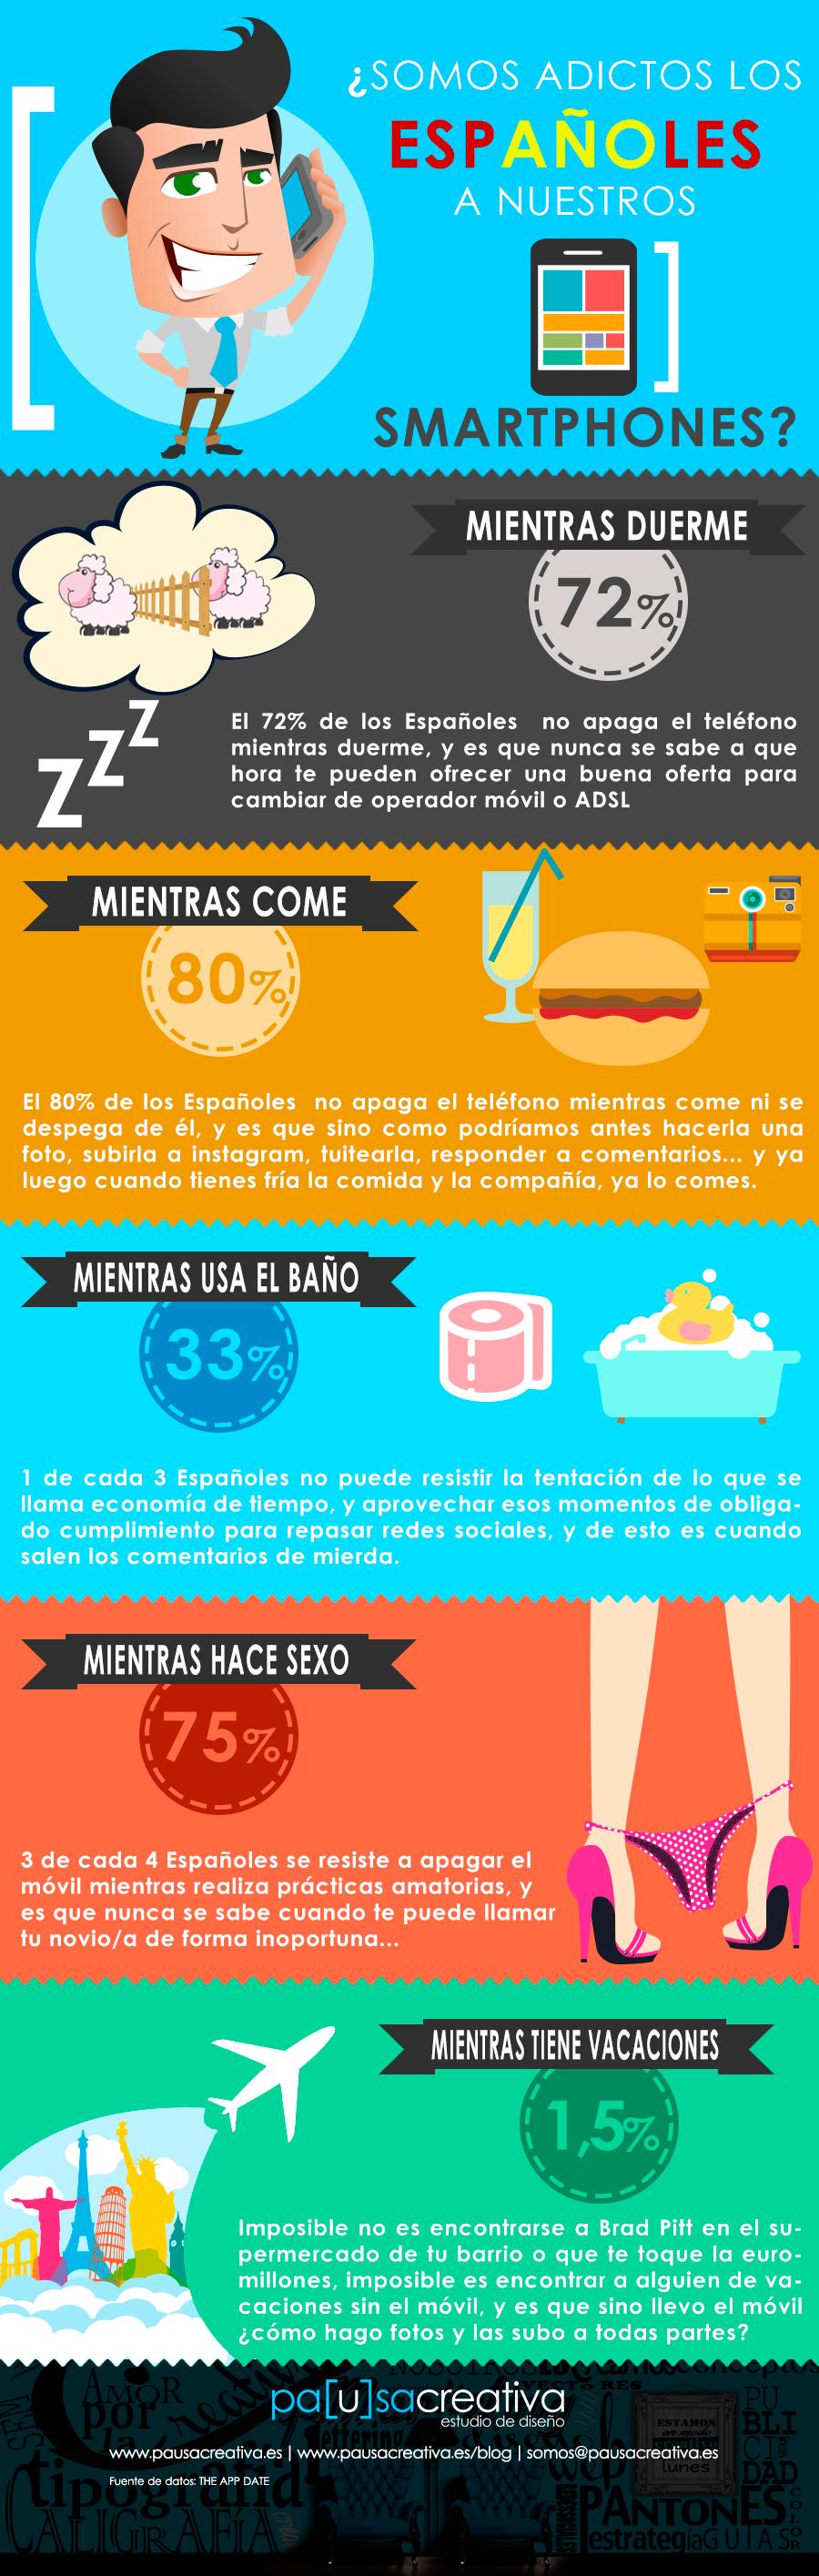 infografia ¿Somos los Españoles adictos al móvil? #marketing • EL ...